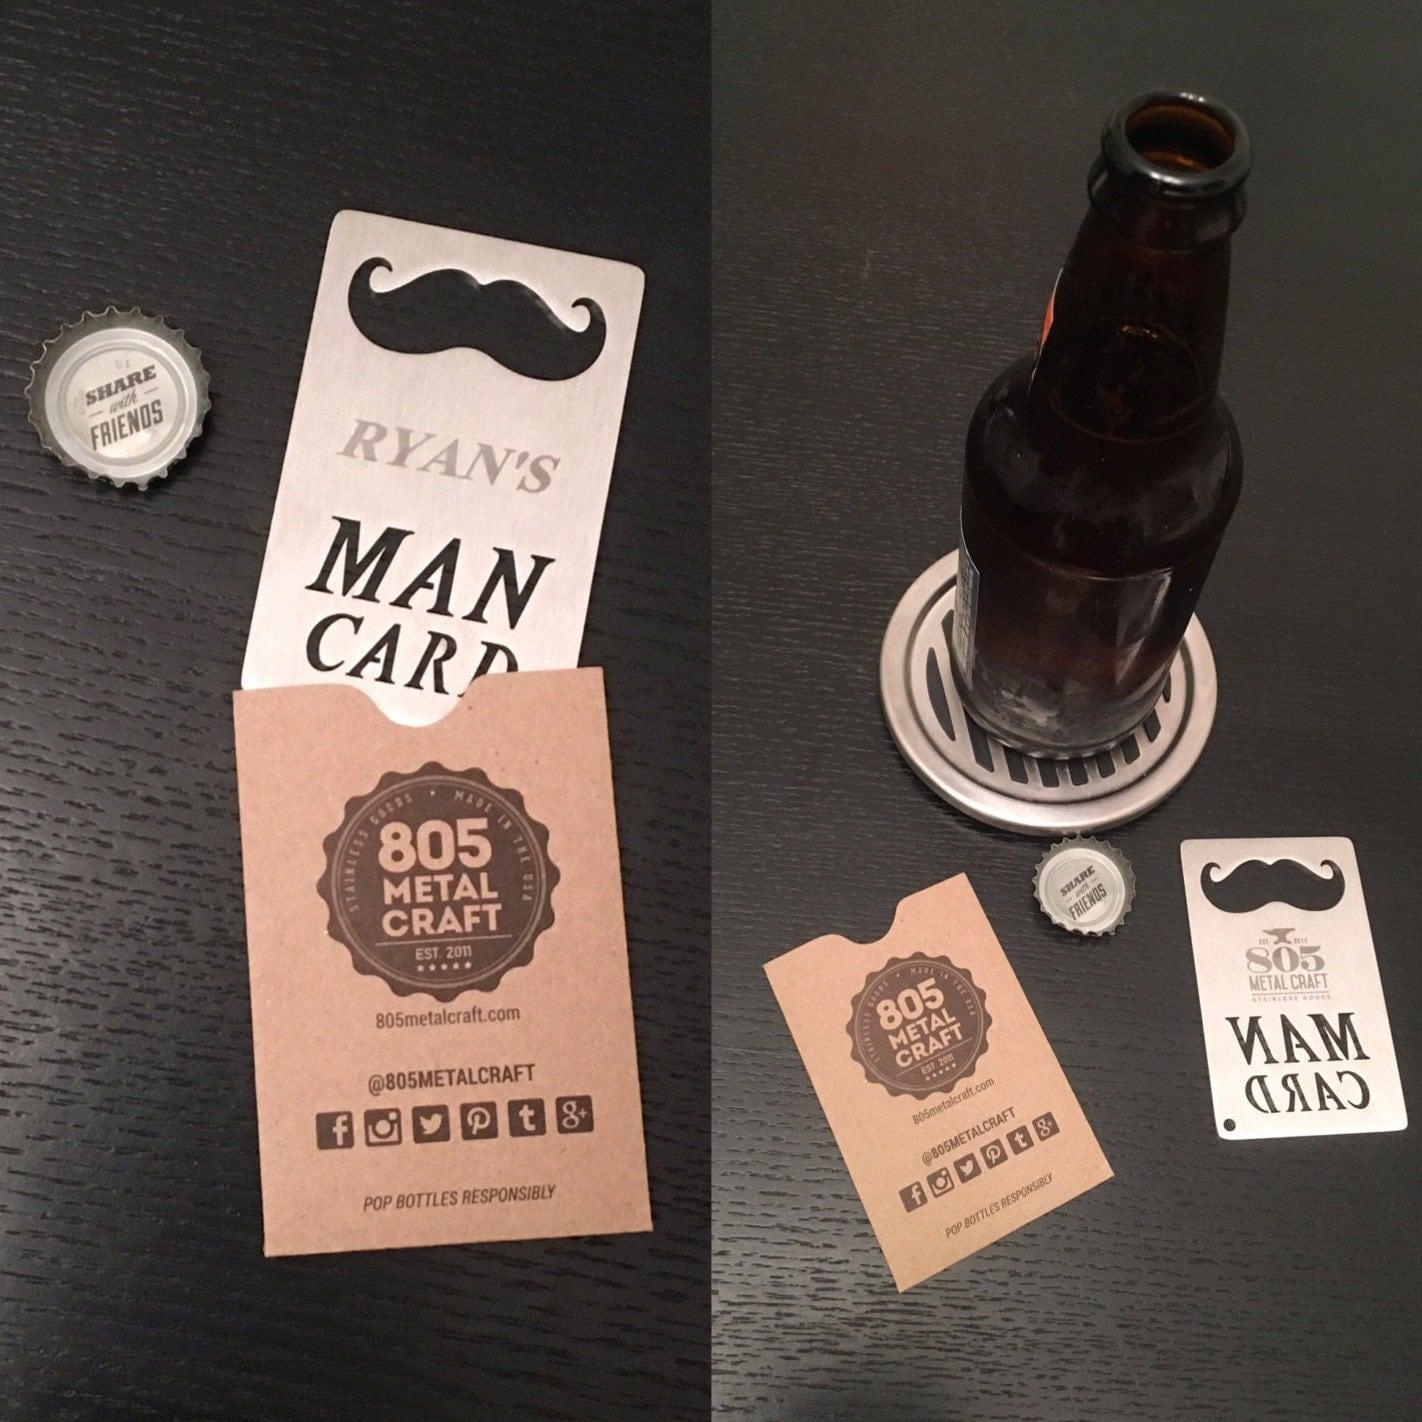 personalized man card wallet sized bottle opener. Black Bedroom Furniture Sets. Home Design Ideas